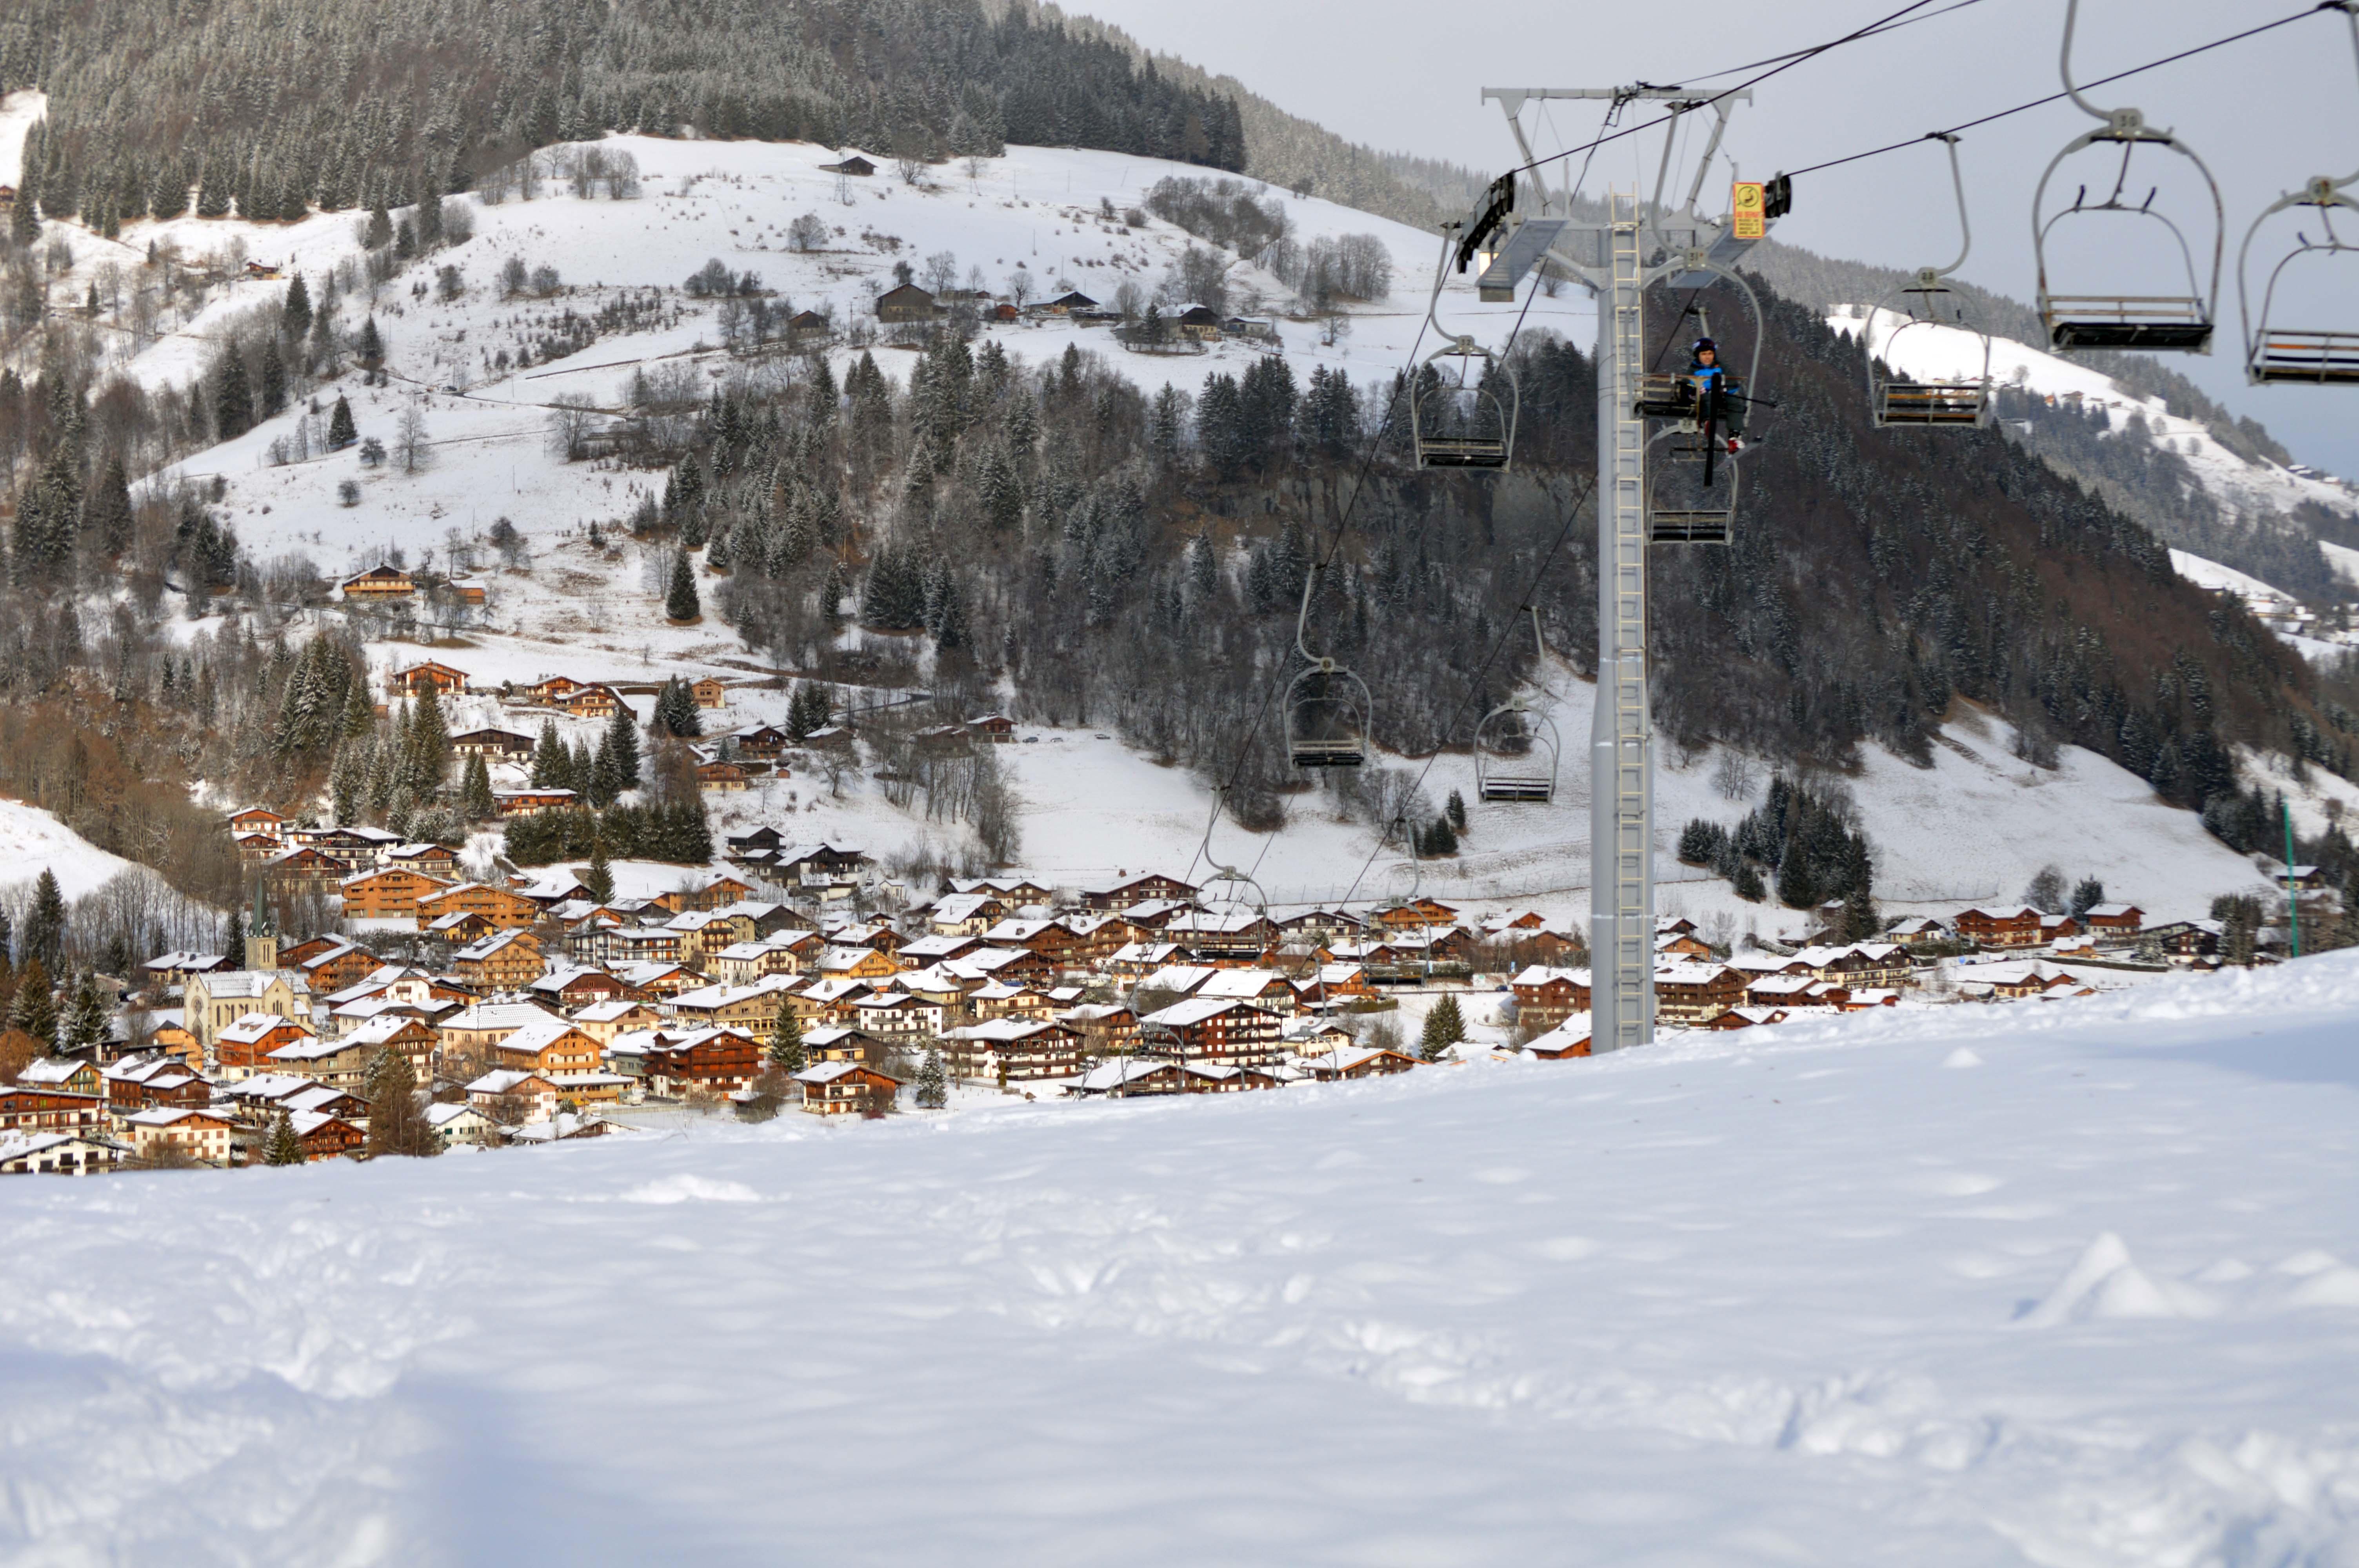 La neige est de retour office de tourisme de praz sur arly - Office de tourisme praz sur arly ...